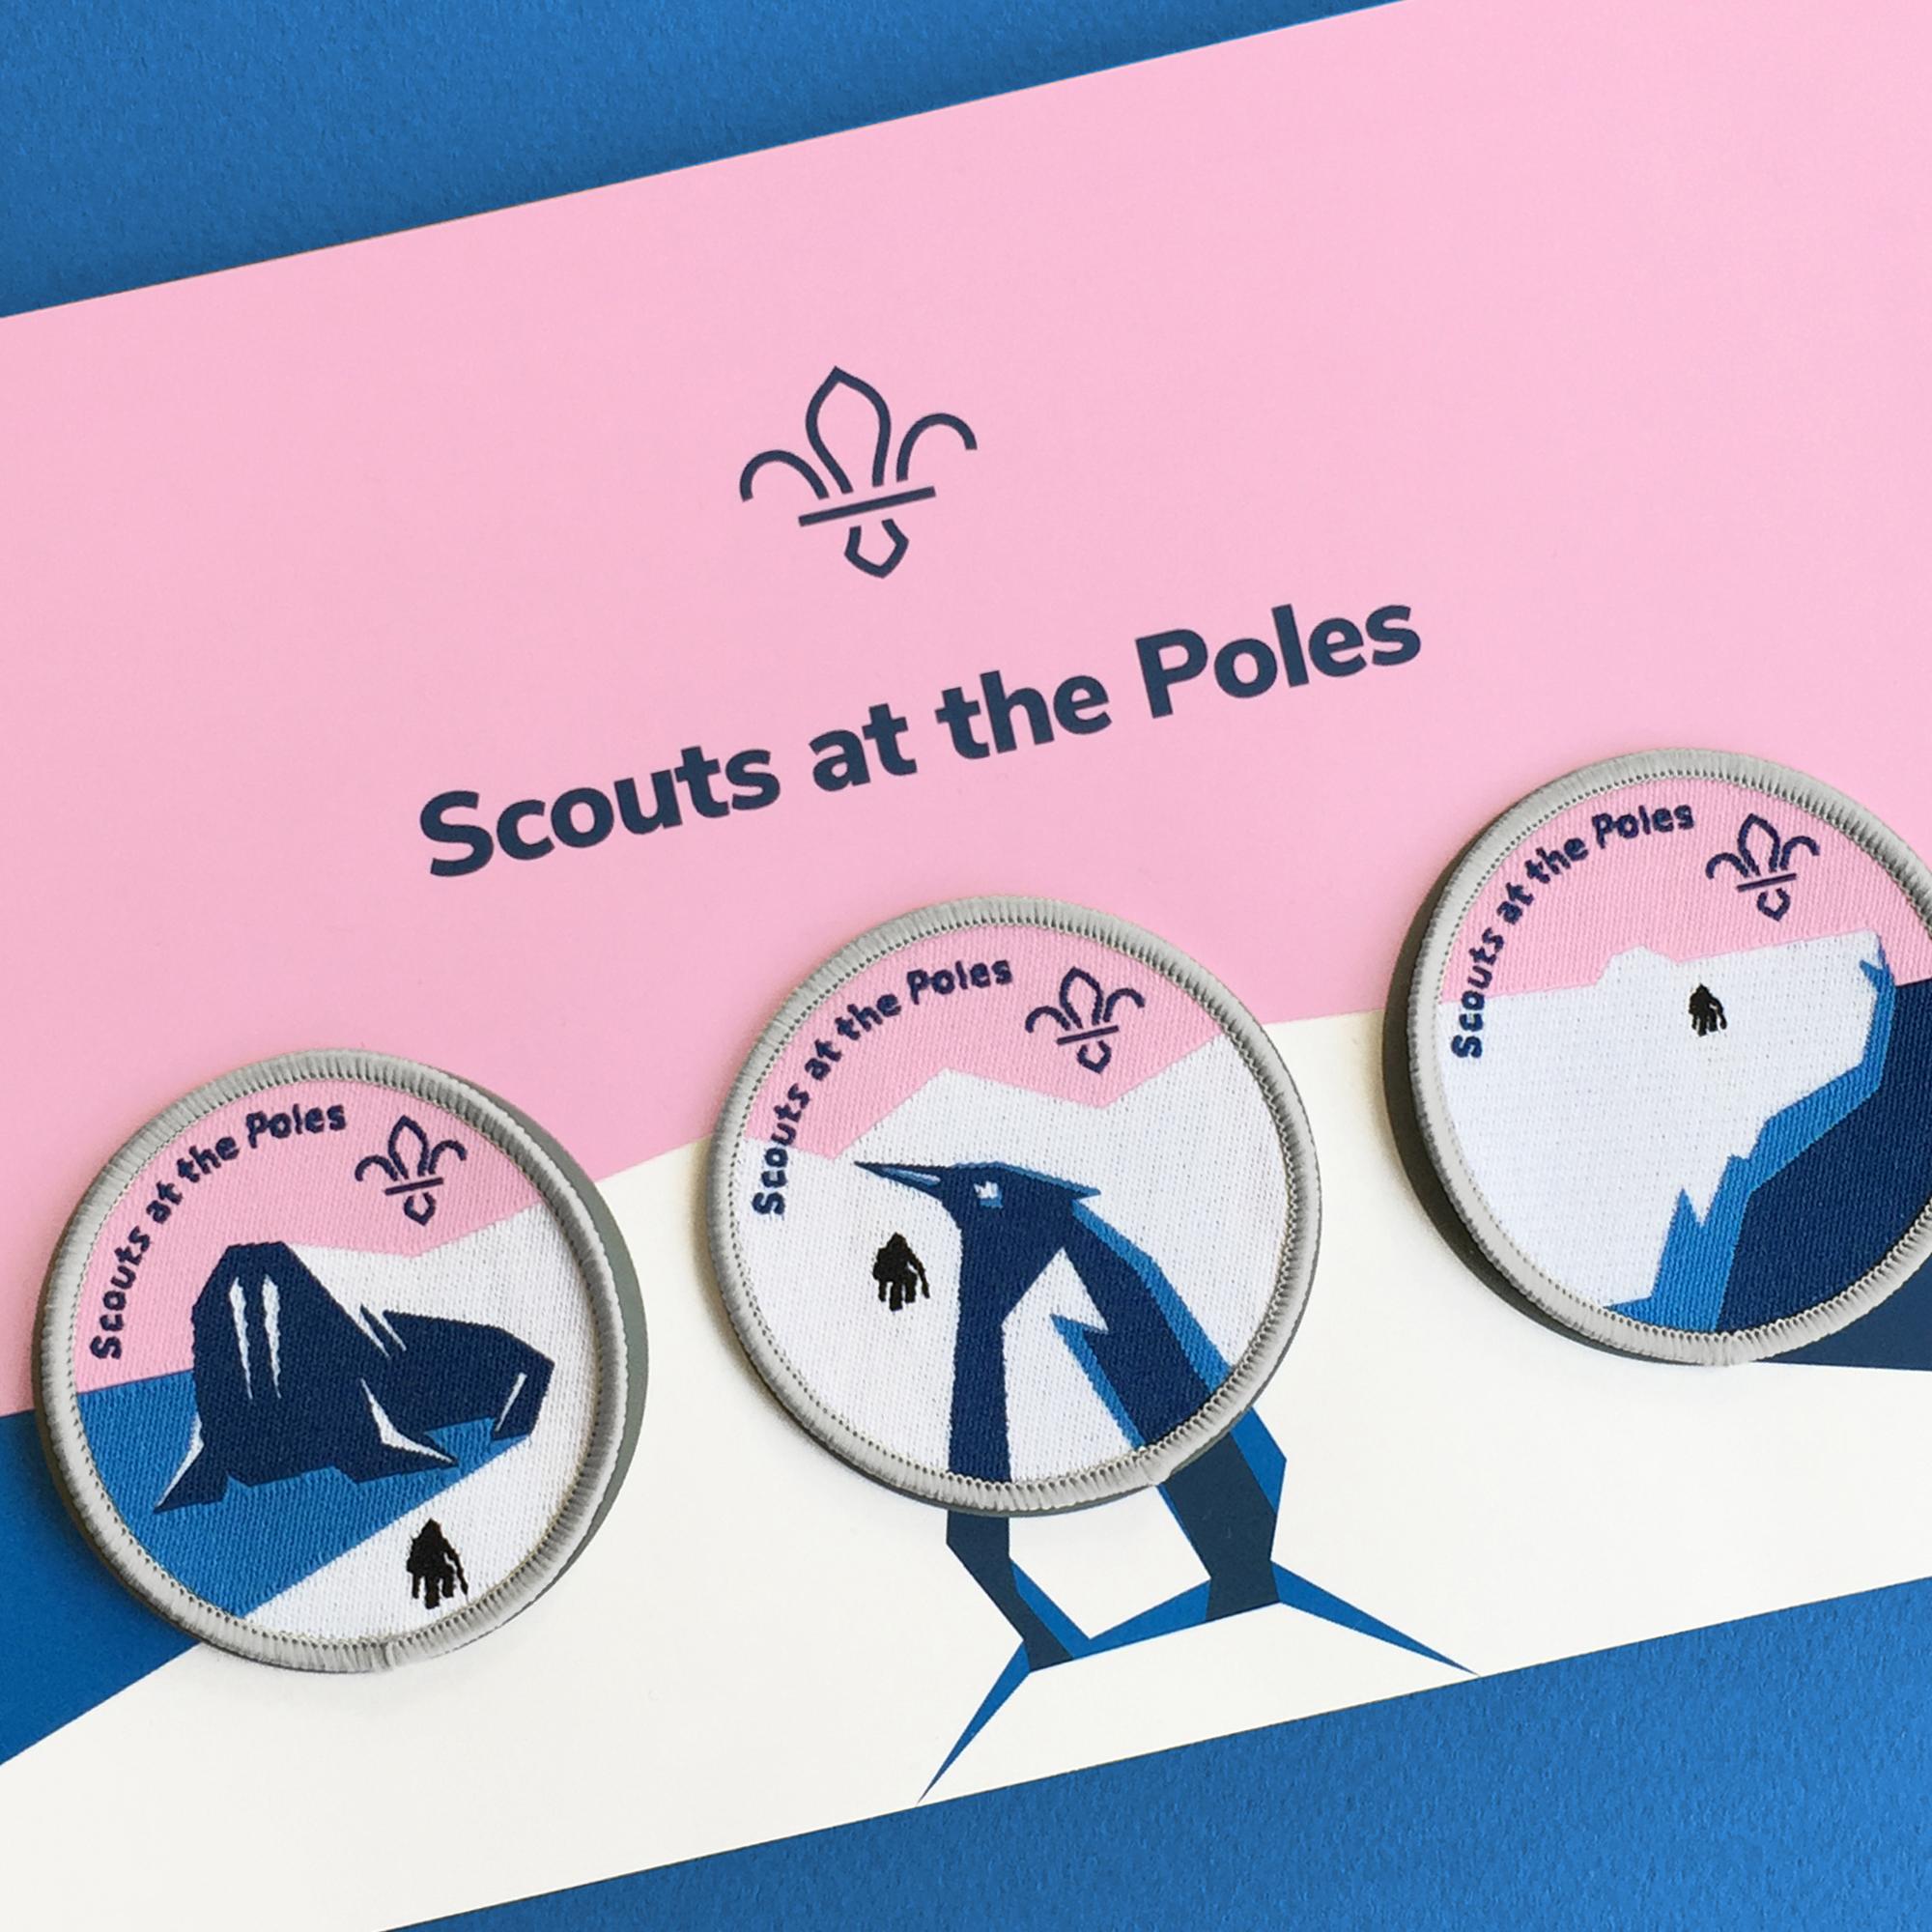 Scouts - Polar Badges